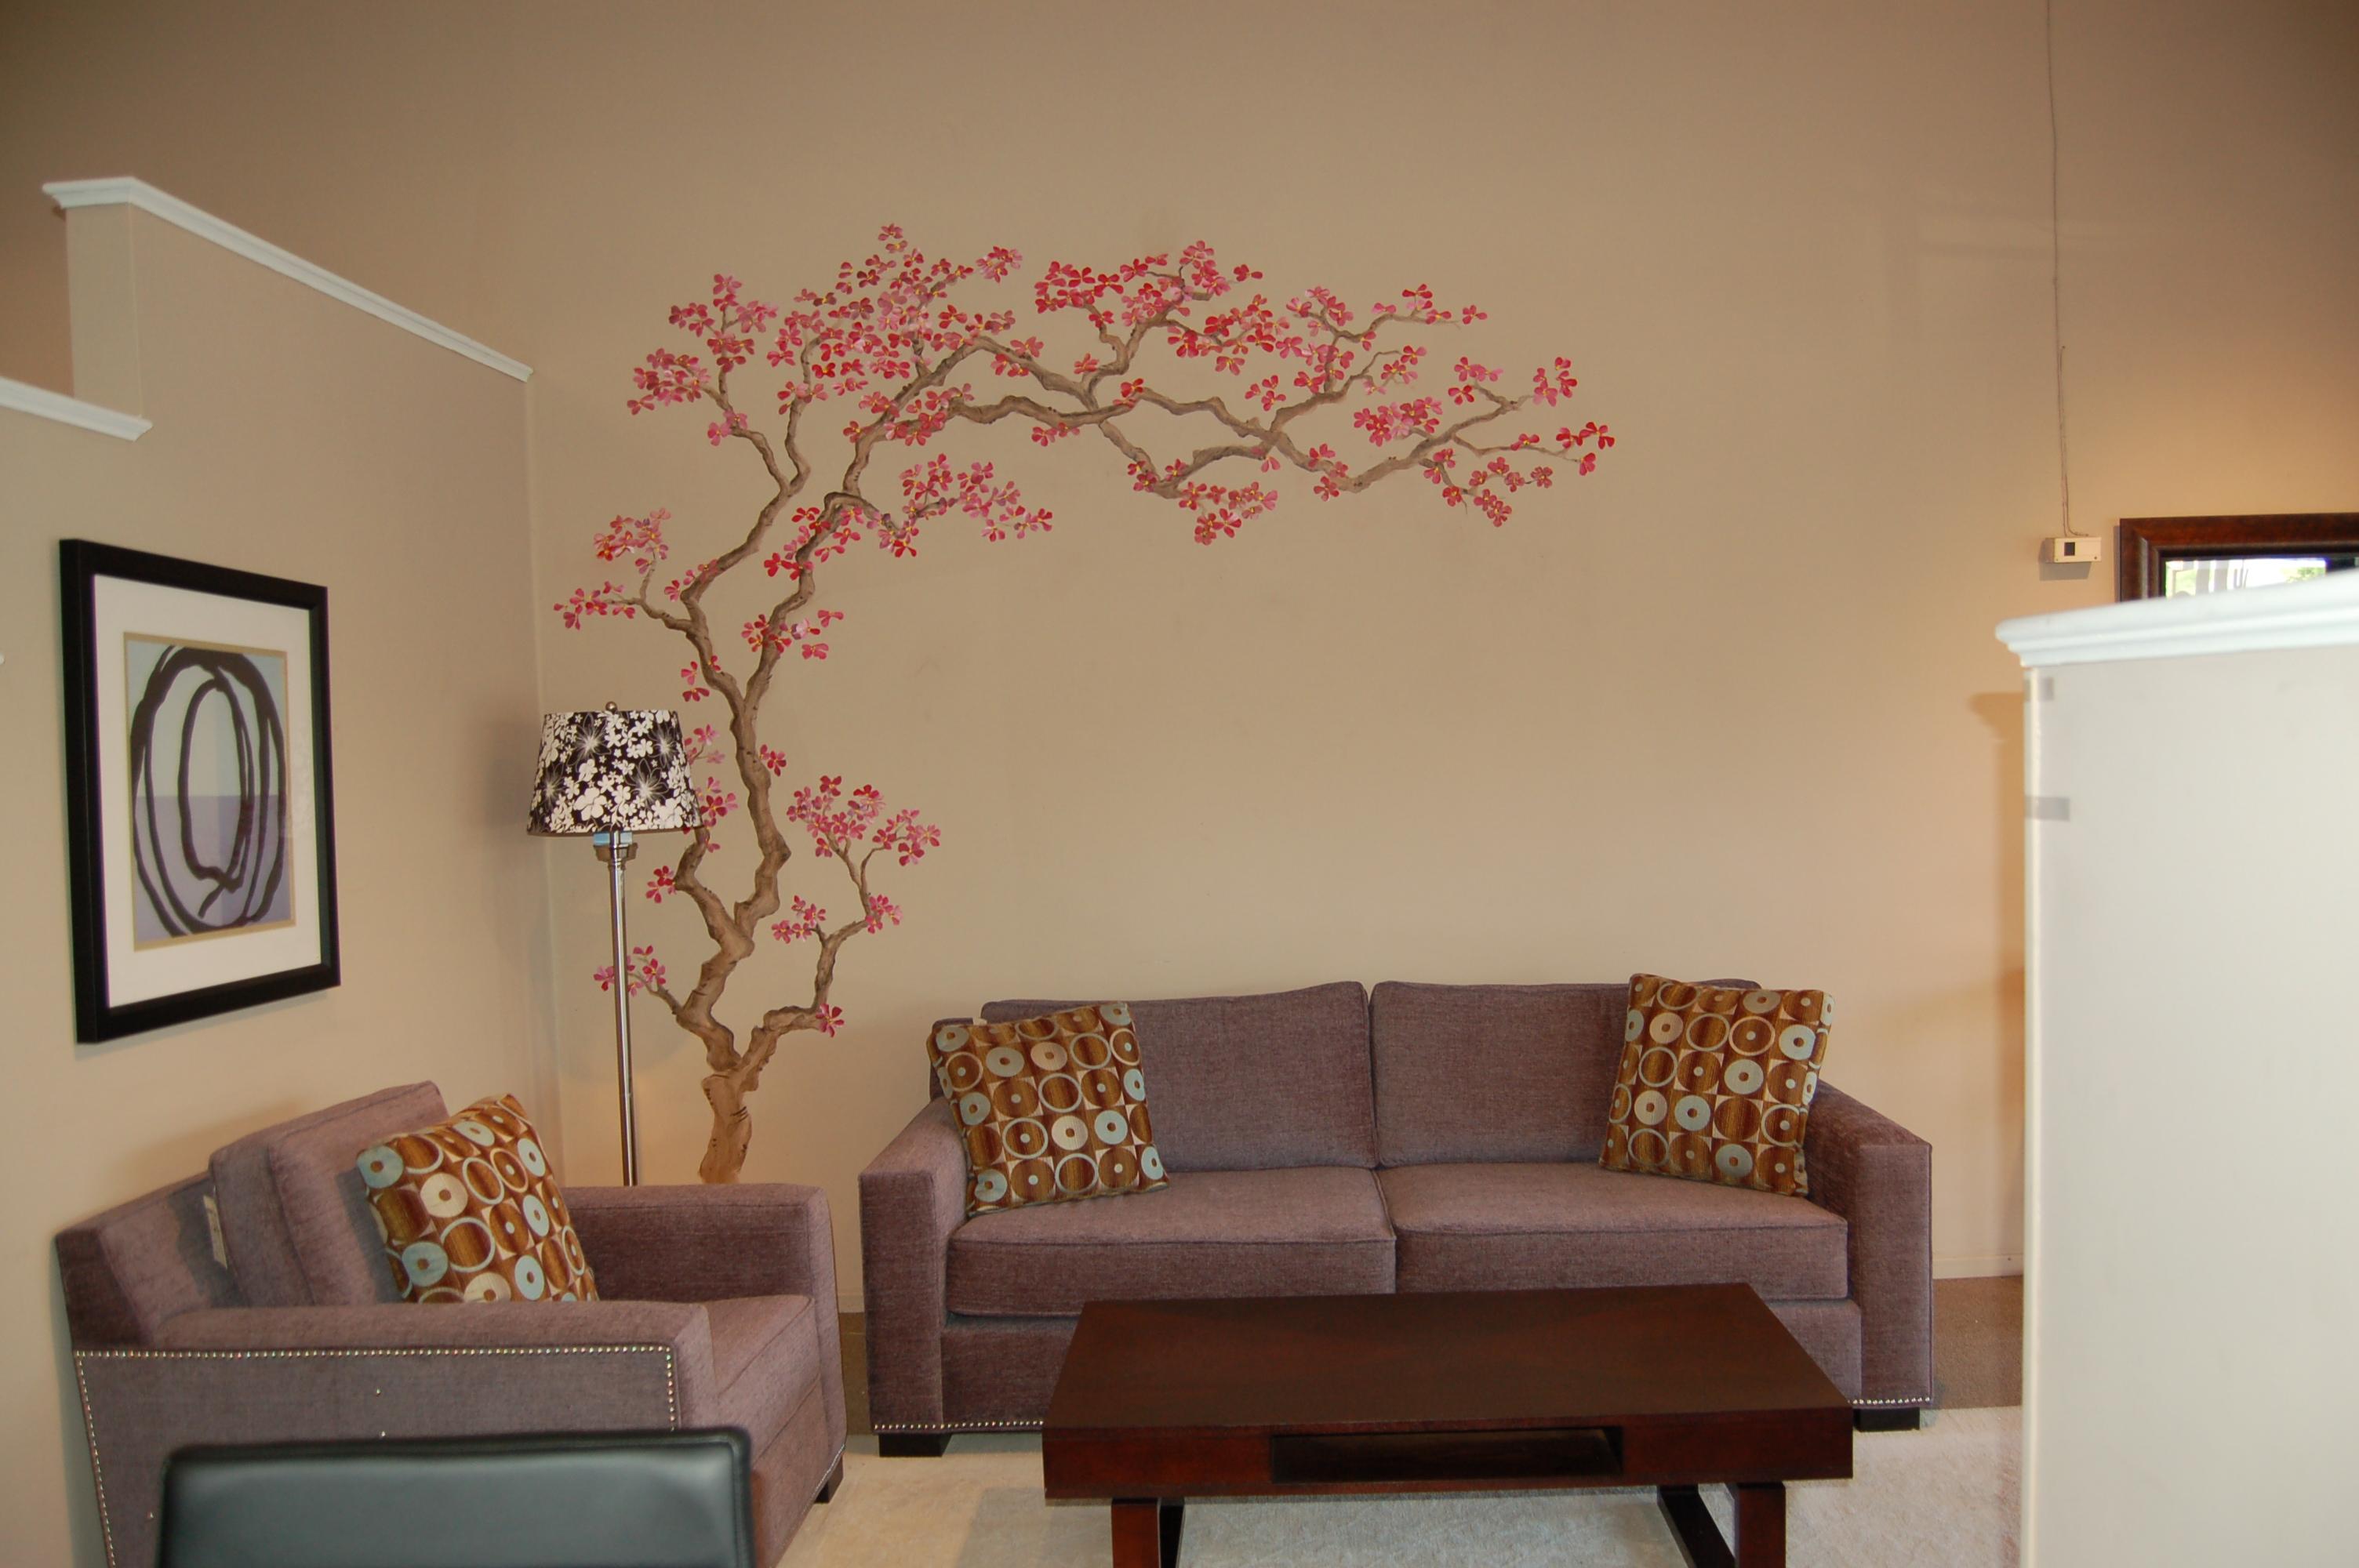 Pictura Pe Perete Idei Inspirationale Interior Design